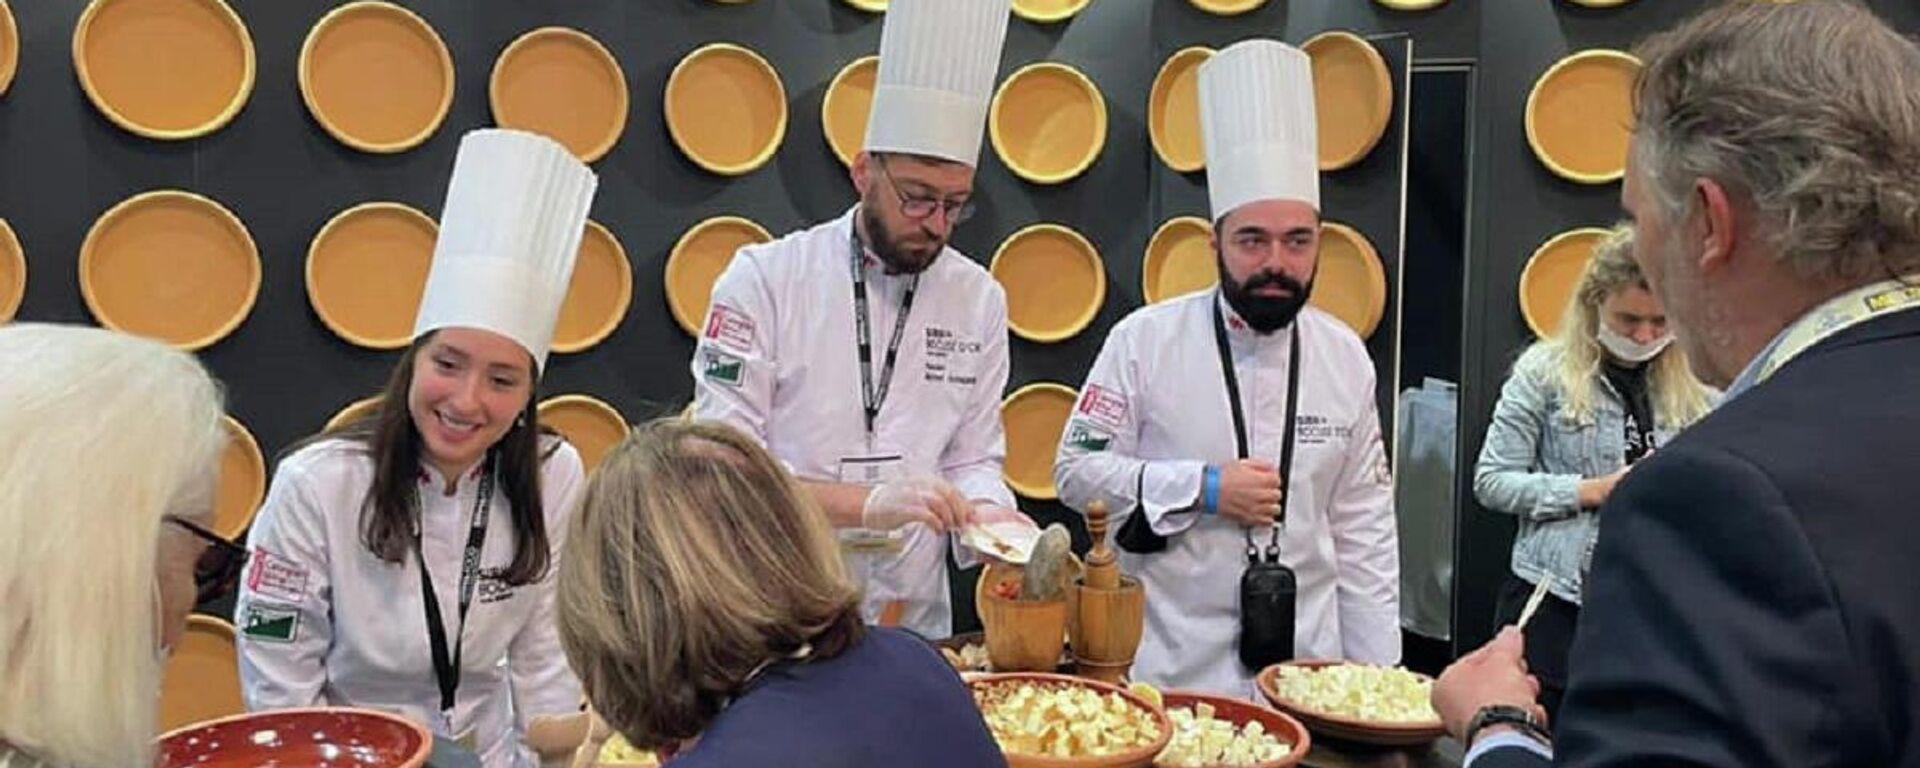 Грузинская кухня представлена на международной выставке во Франции - Sputnik Грузия, 1920, 26.09.2021